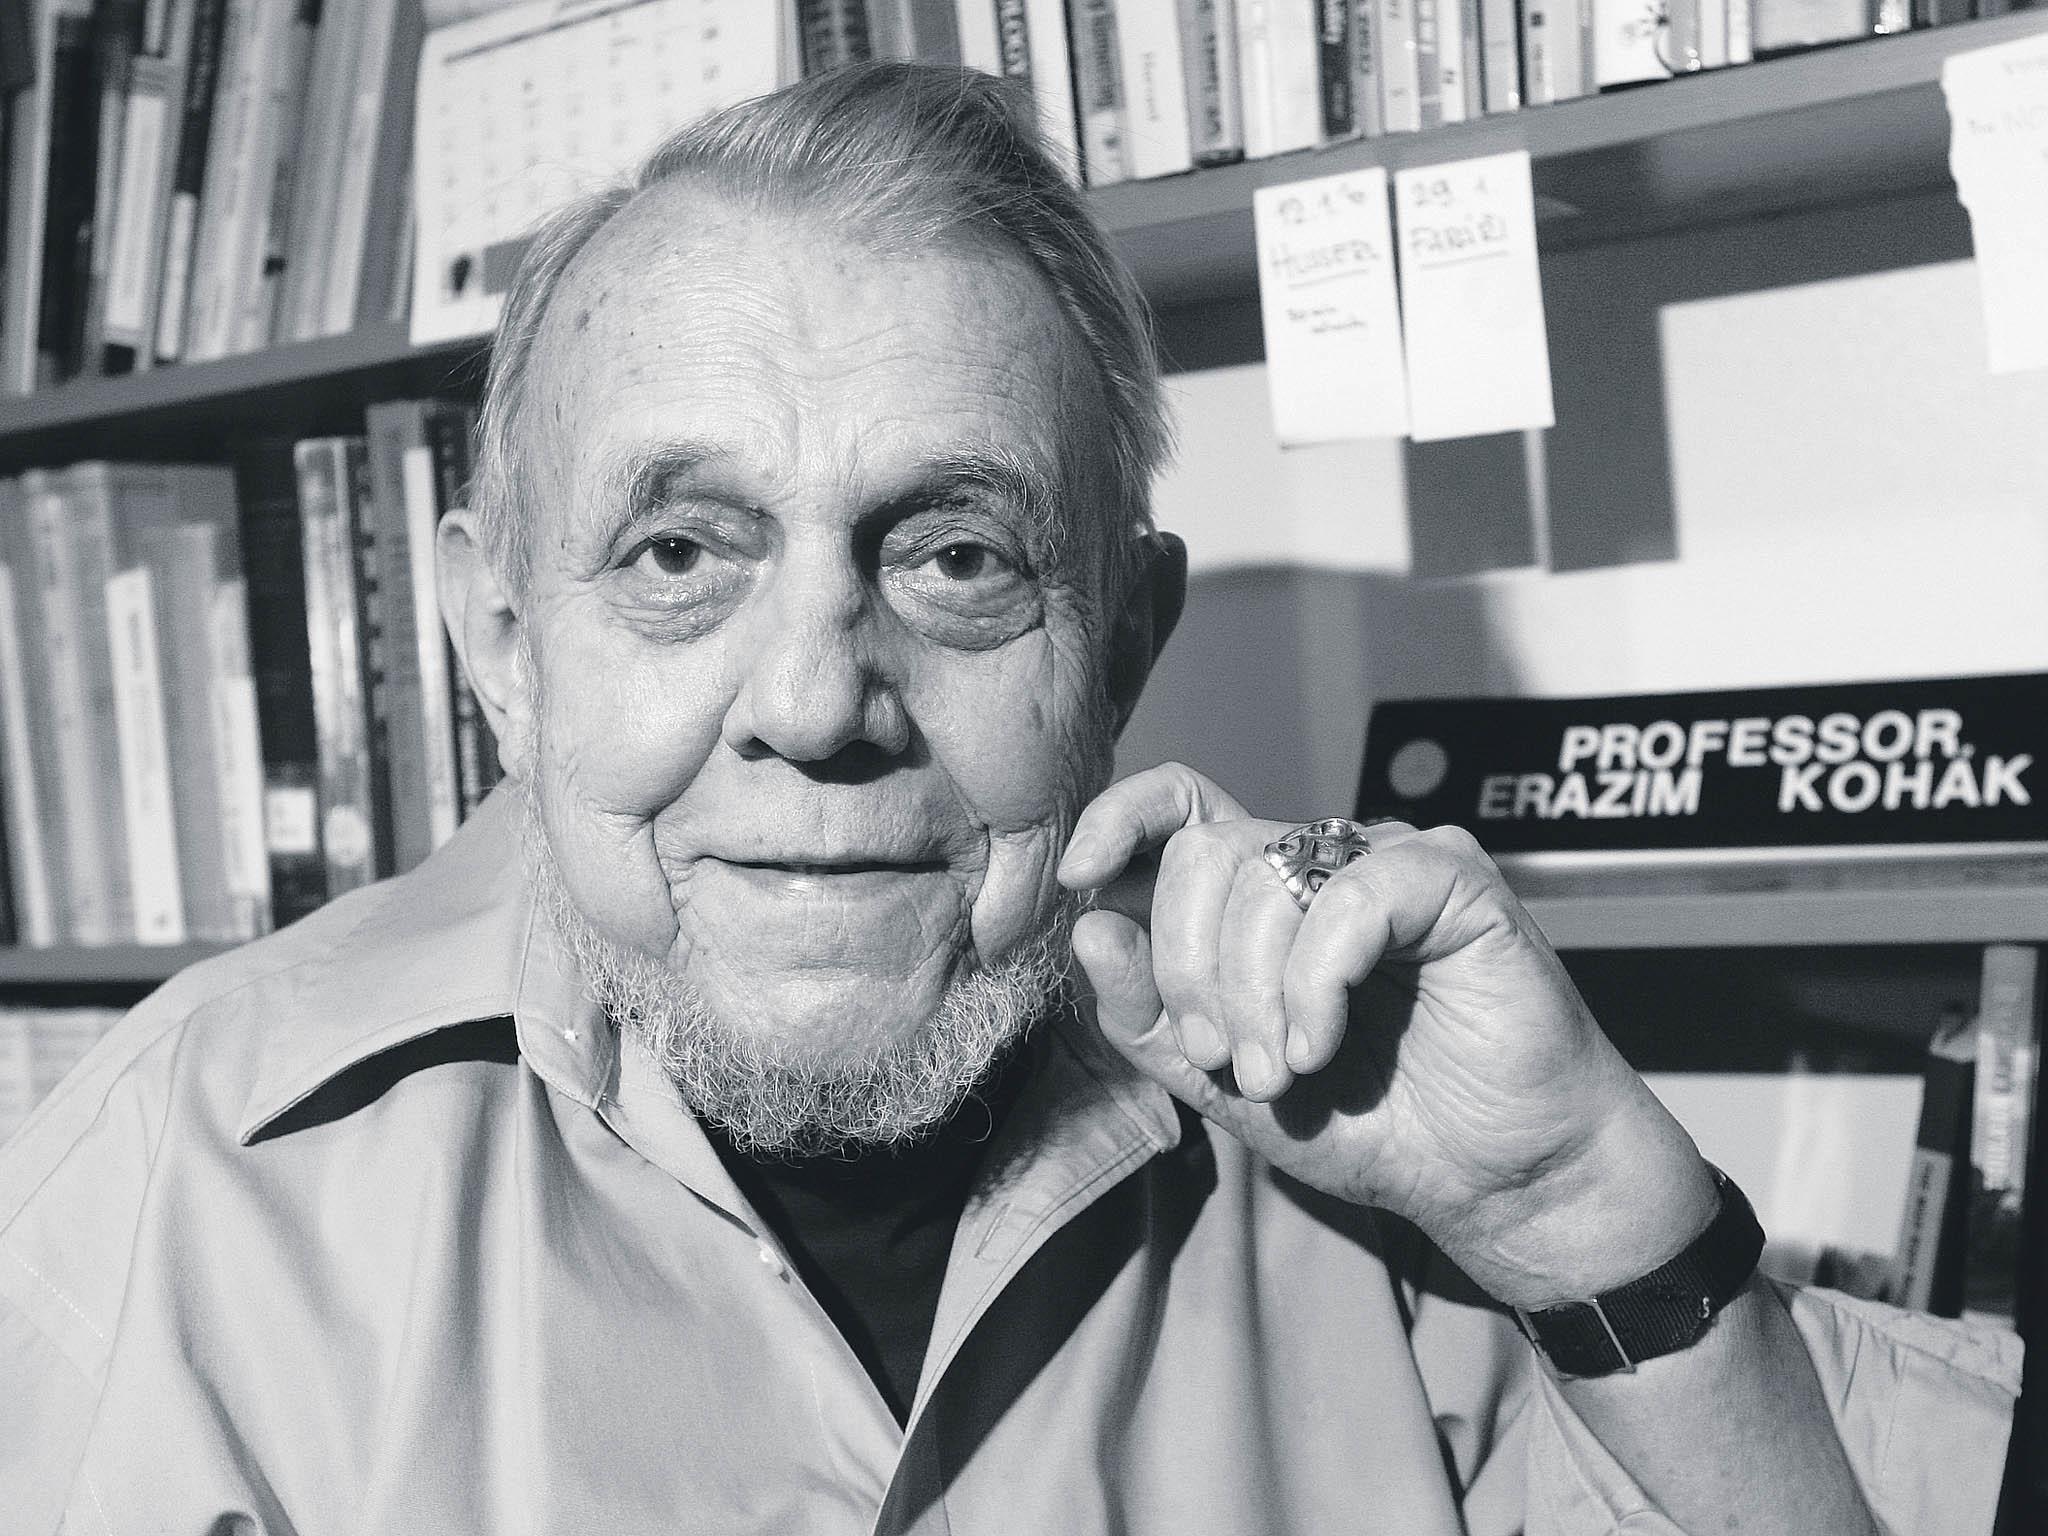 V sobotu zemřel významný filozof Erazim Kohák, bylo mu 86 let.